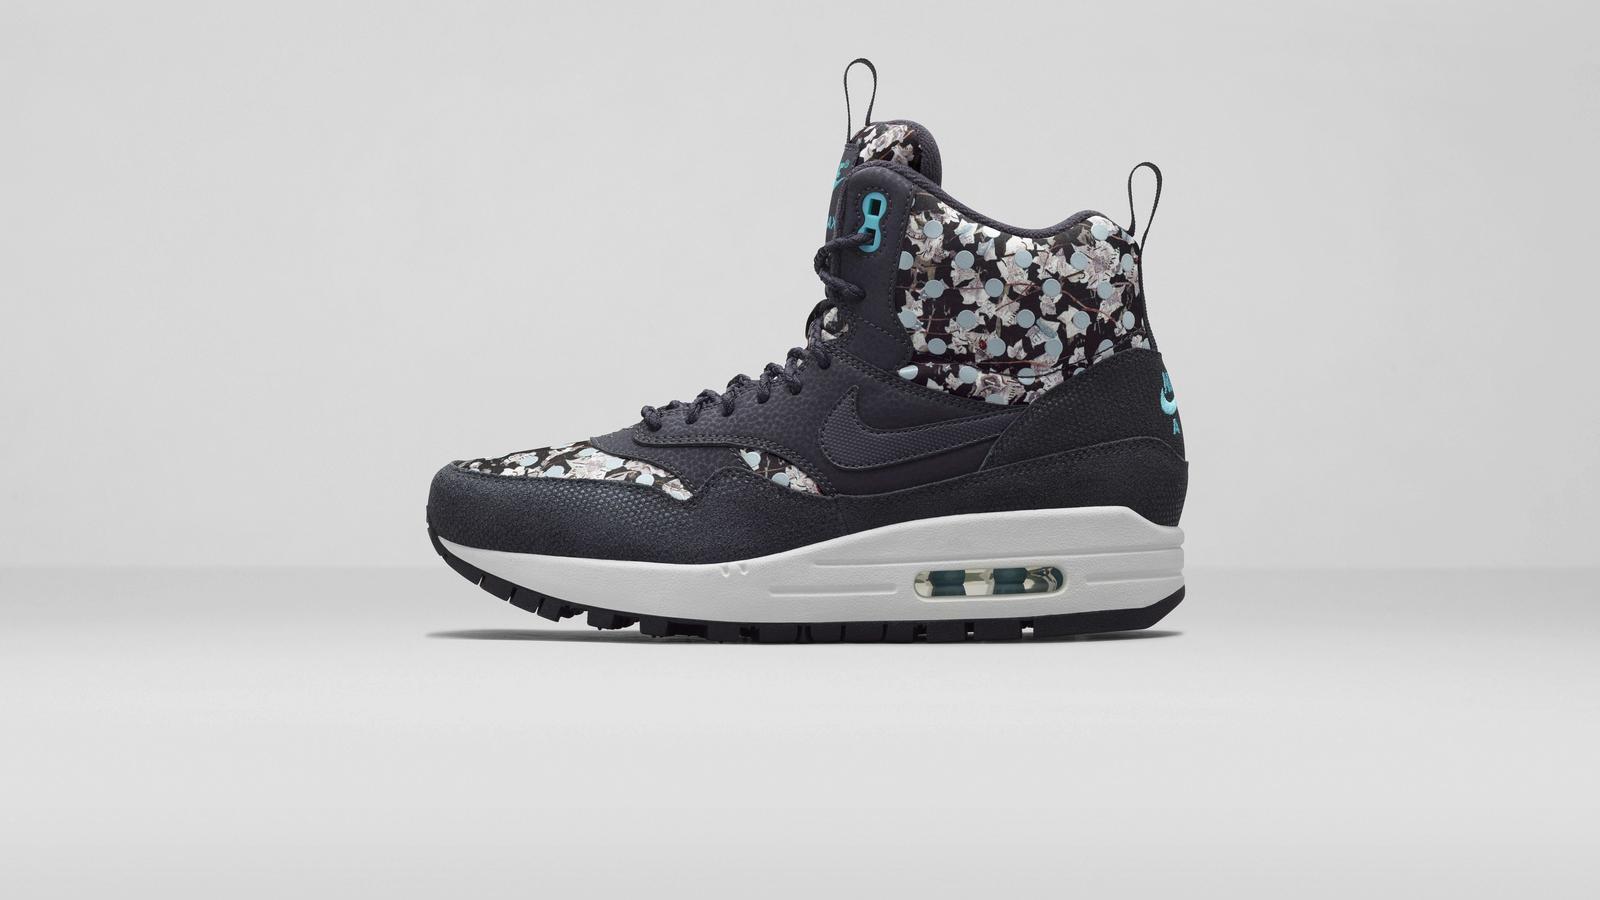 Nike%20x%20 Liberty%20 Air Max 1 Sneakerboot Dark Ash